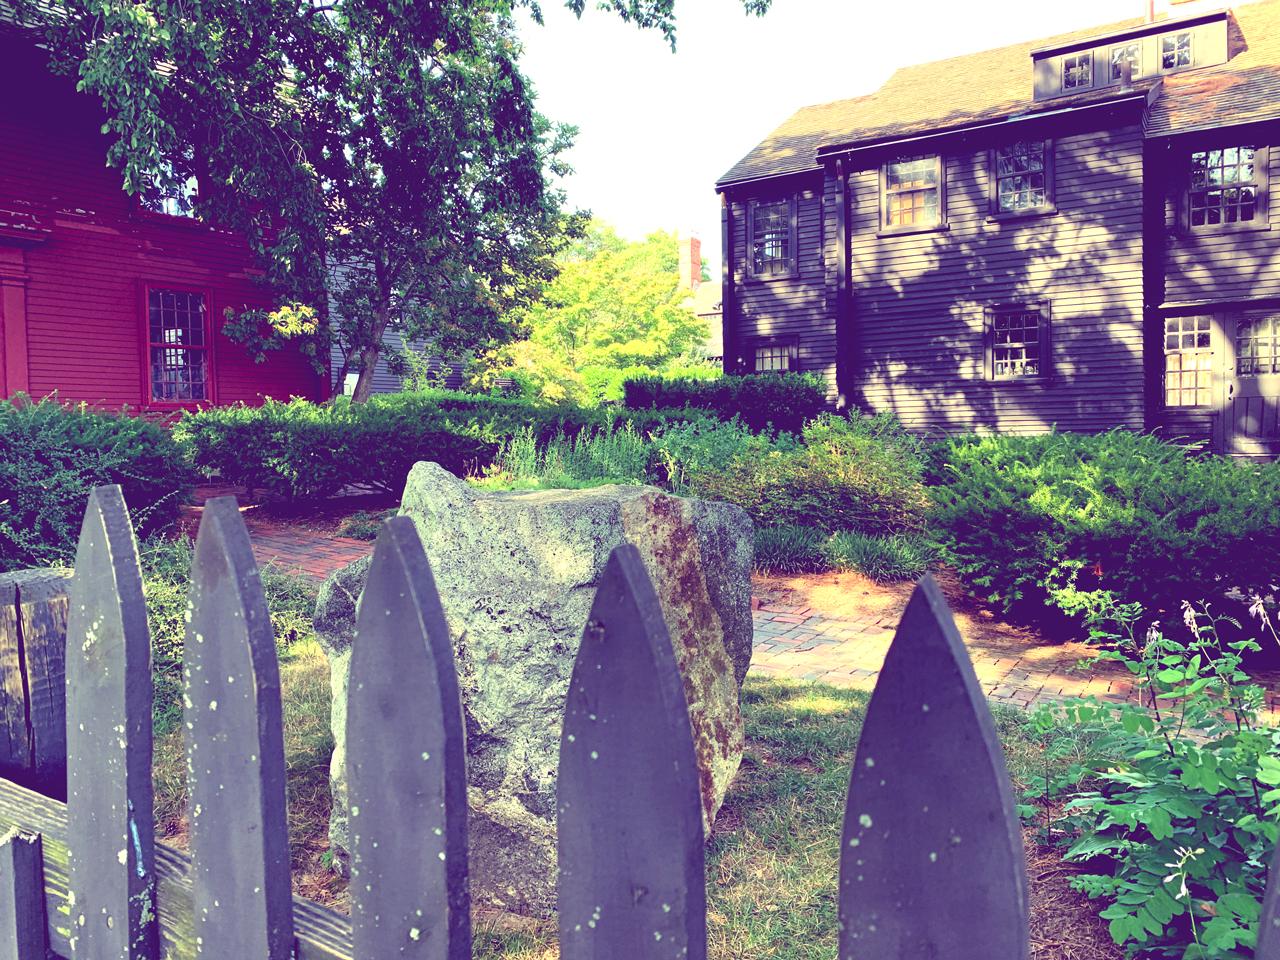 house-of-the-seven-gables-salem-massachusetts-1280x960-04